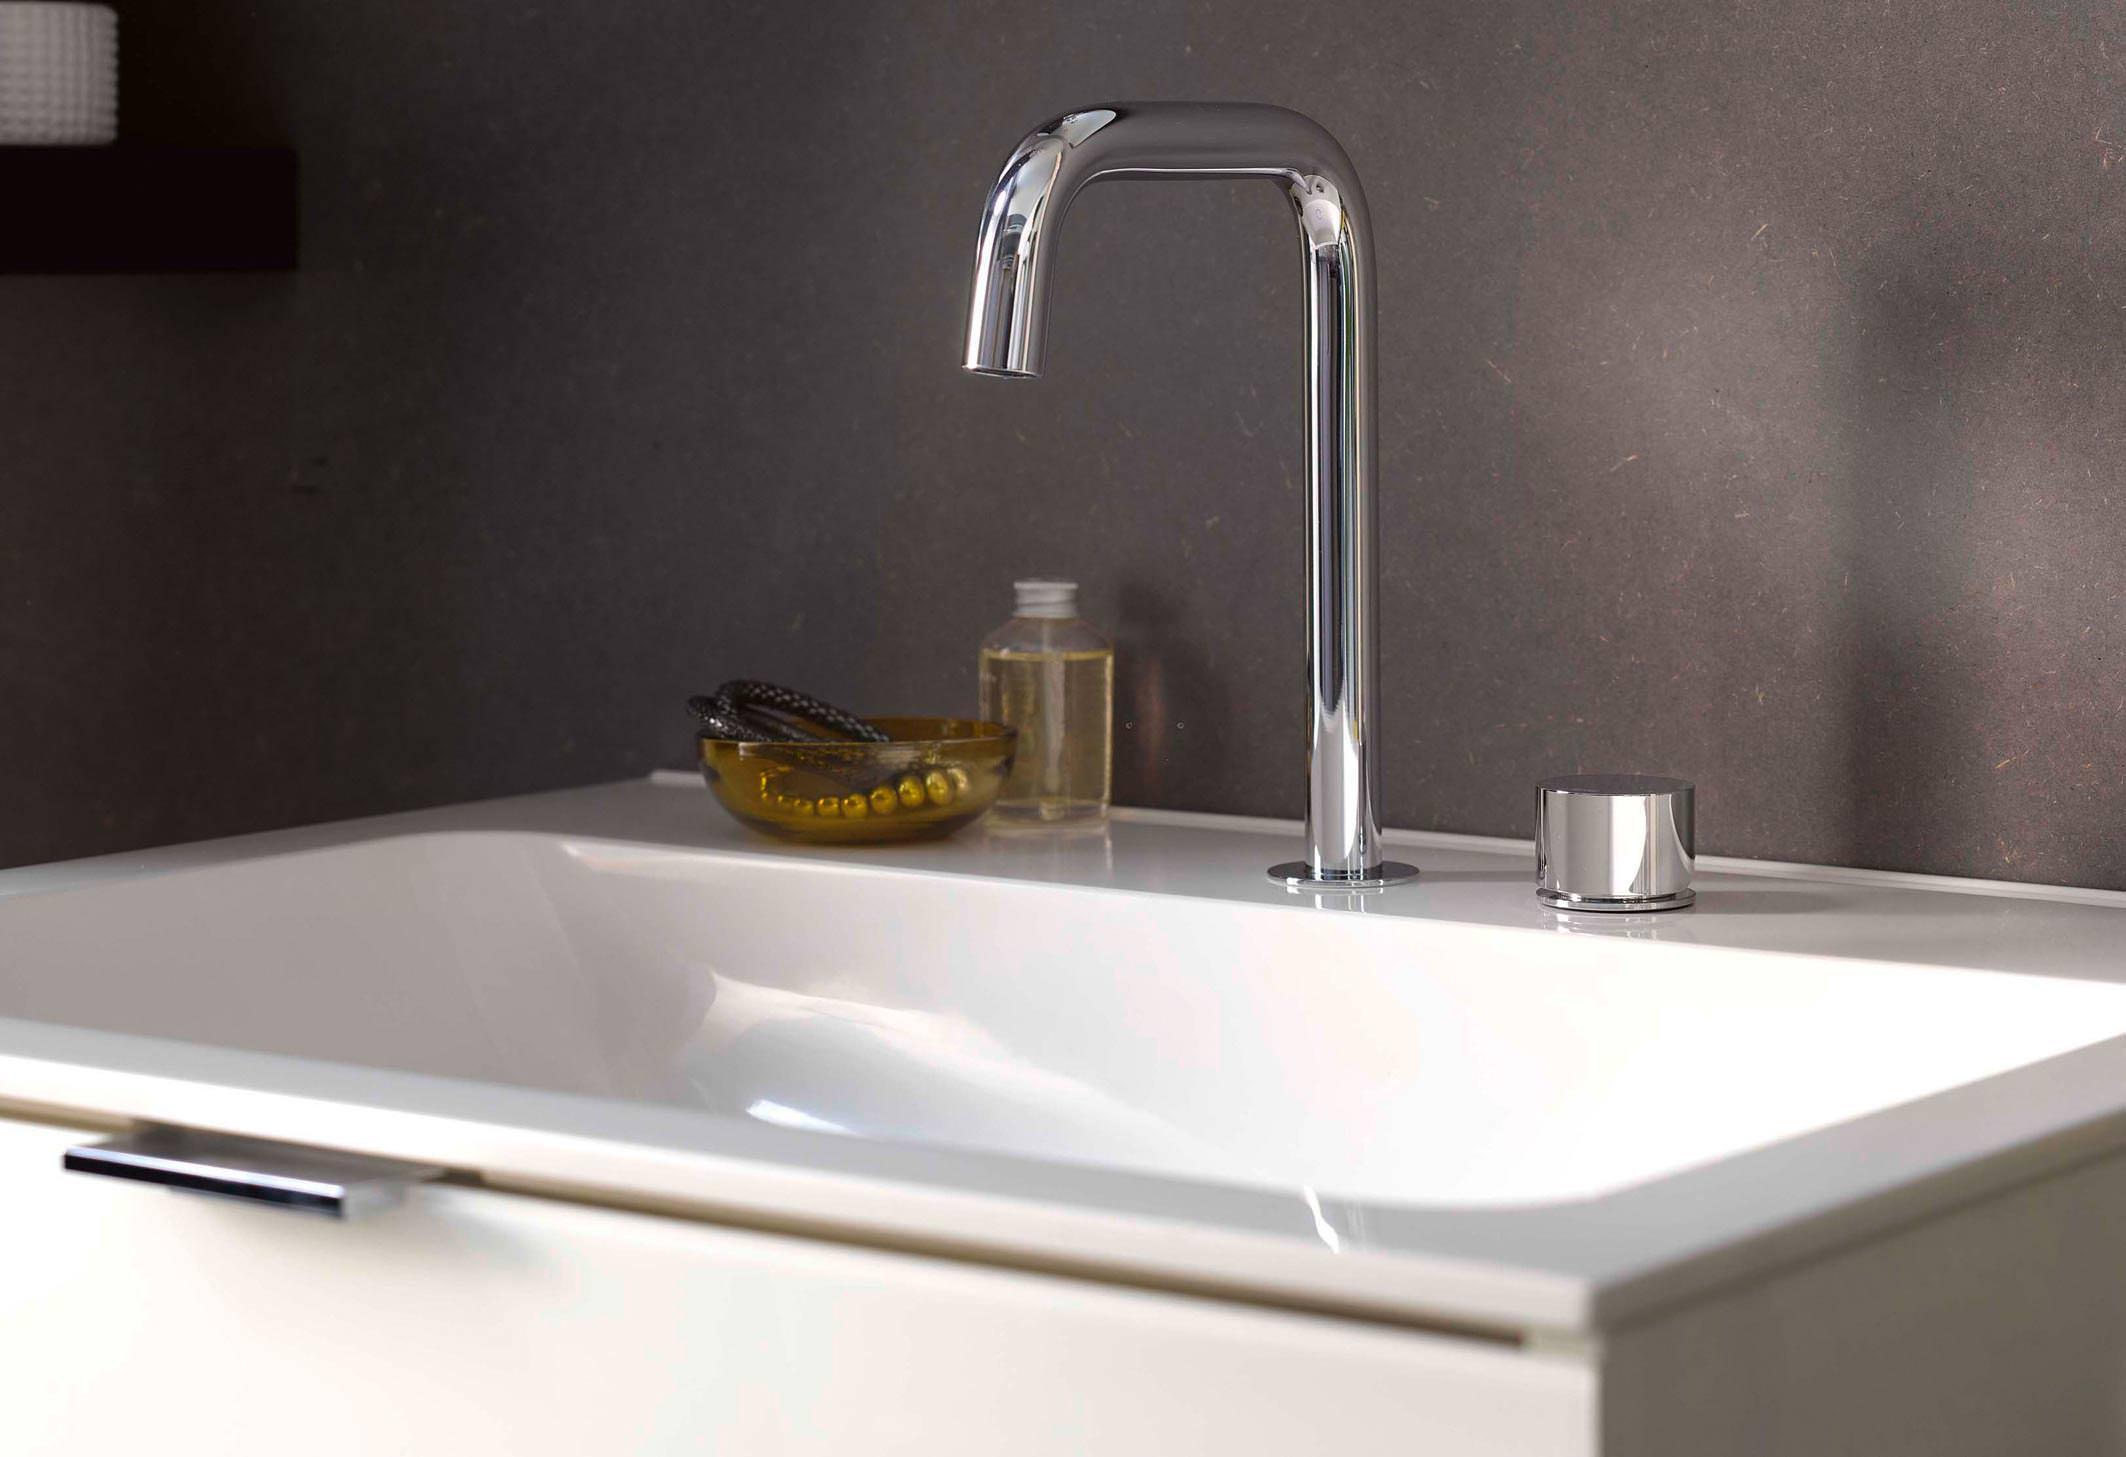 Neues Waschtischprogramm von Emco Bad mit klarer, eleganter